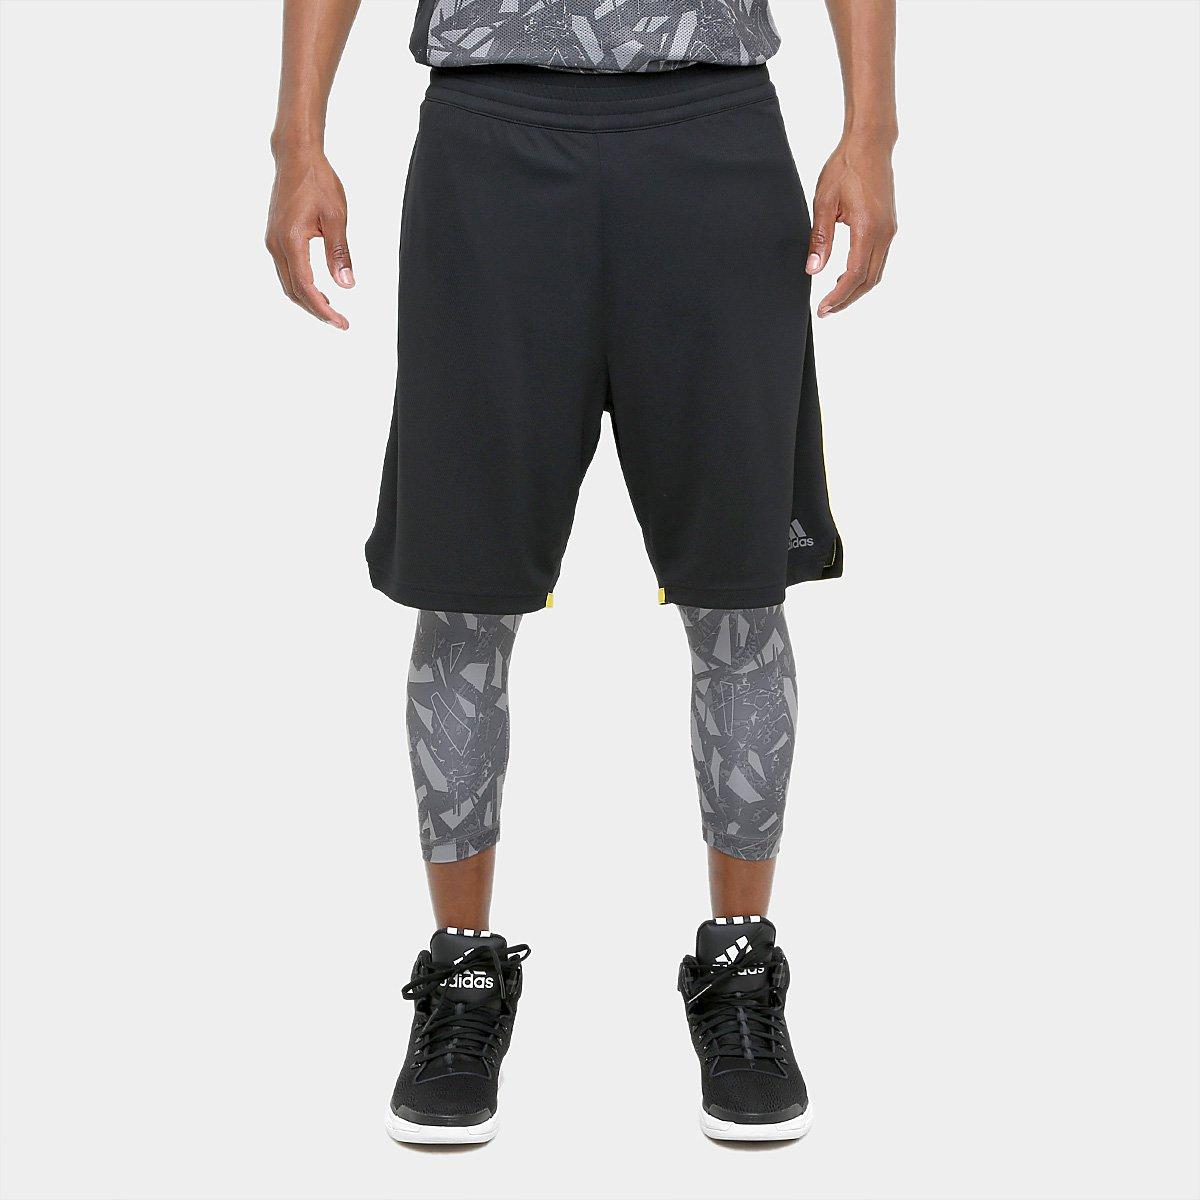 ee2f615e56bff Bermuda Adidas Essentials 2IN1 Masculina - Compre Agora